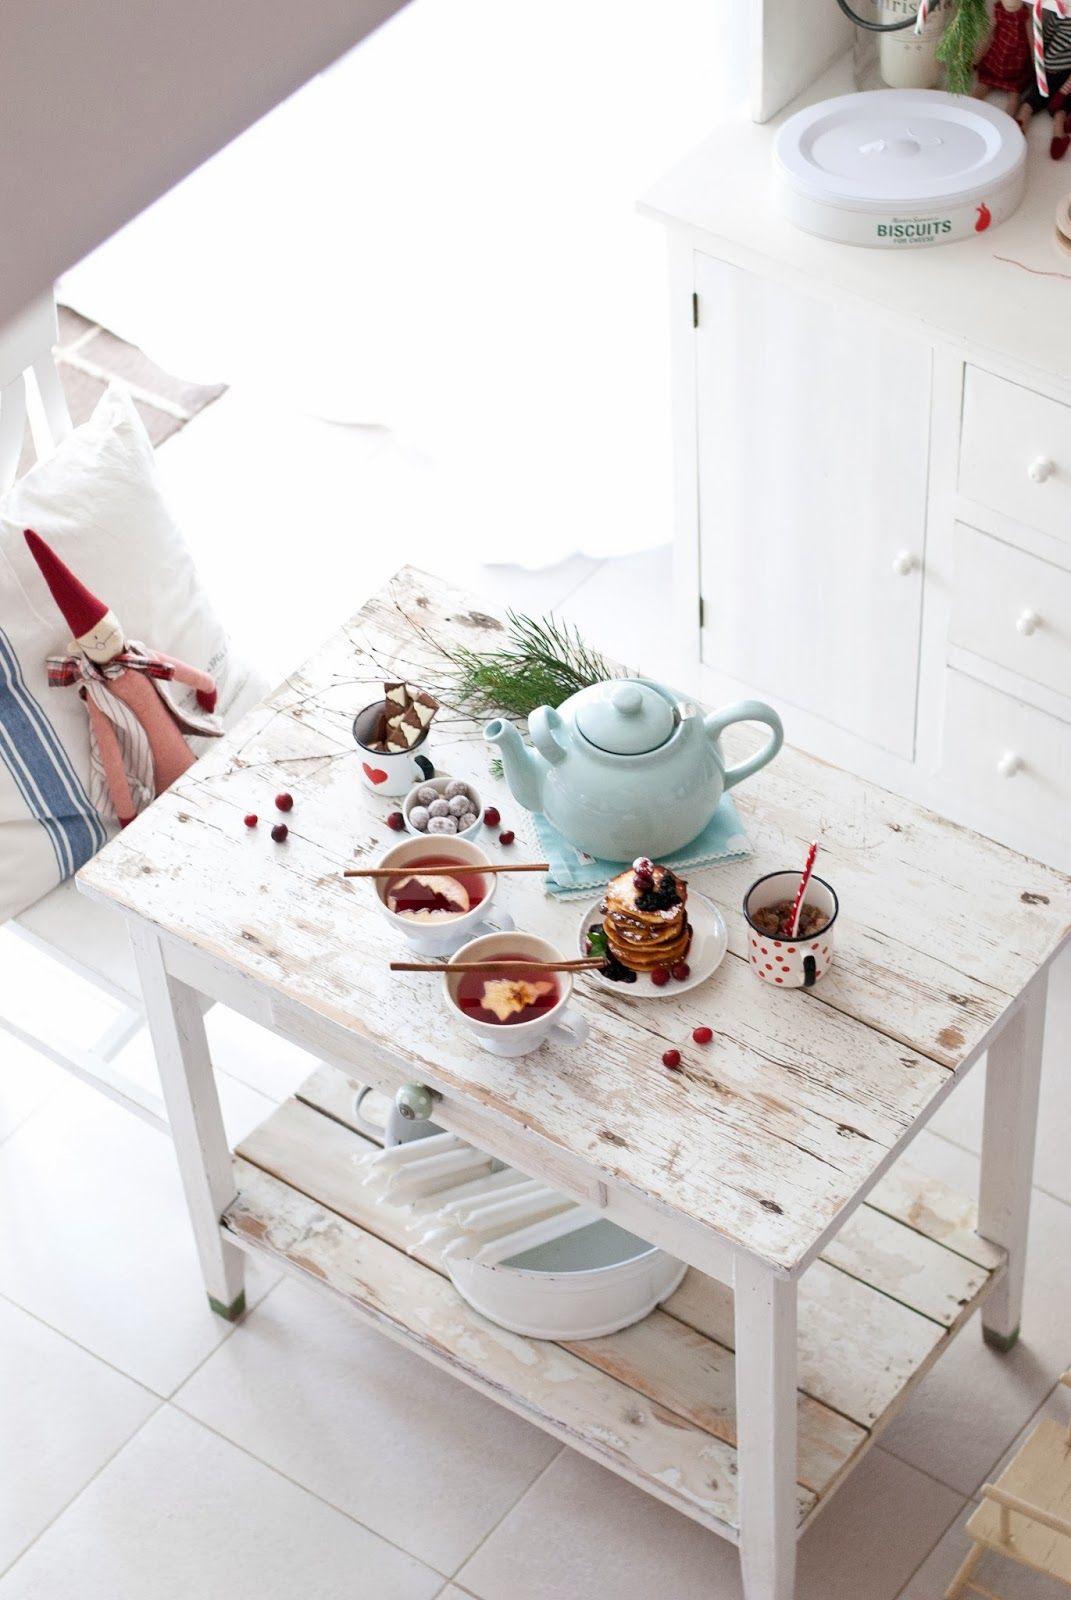 Küchendesign schwarz und rot holiday tea  coffee and tea  pinterest  weihnachten advent